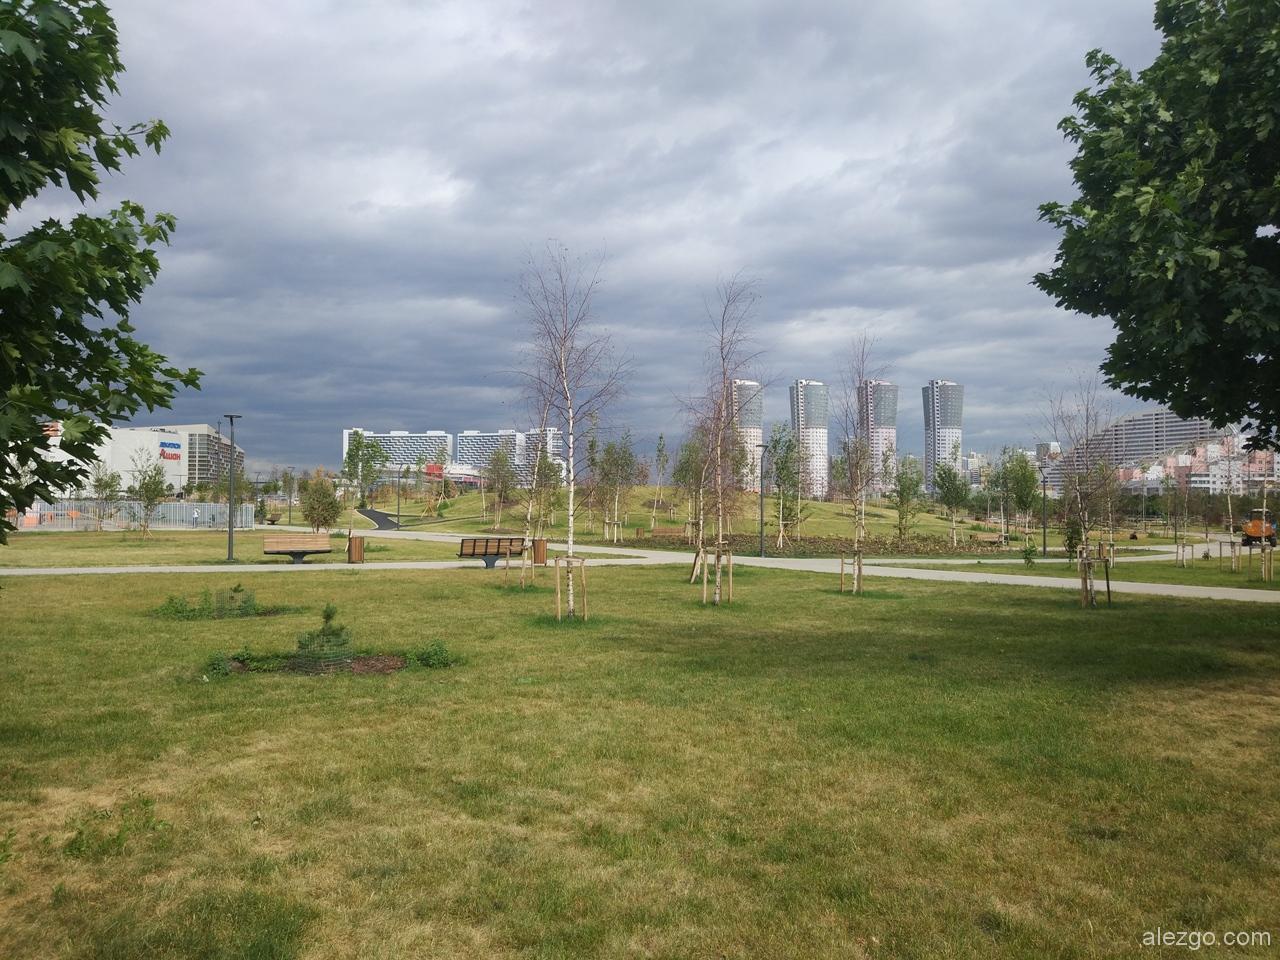 парк ходынское поле июнь 2018, ходынское поле благоустройство